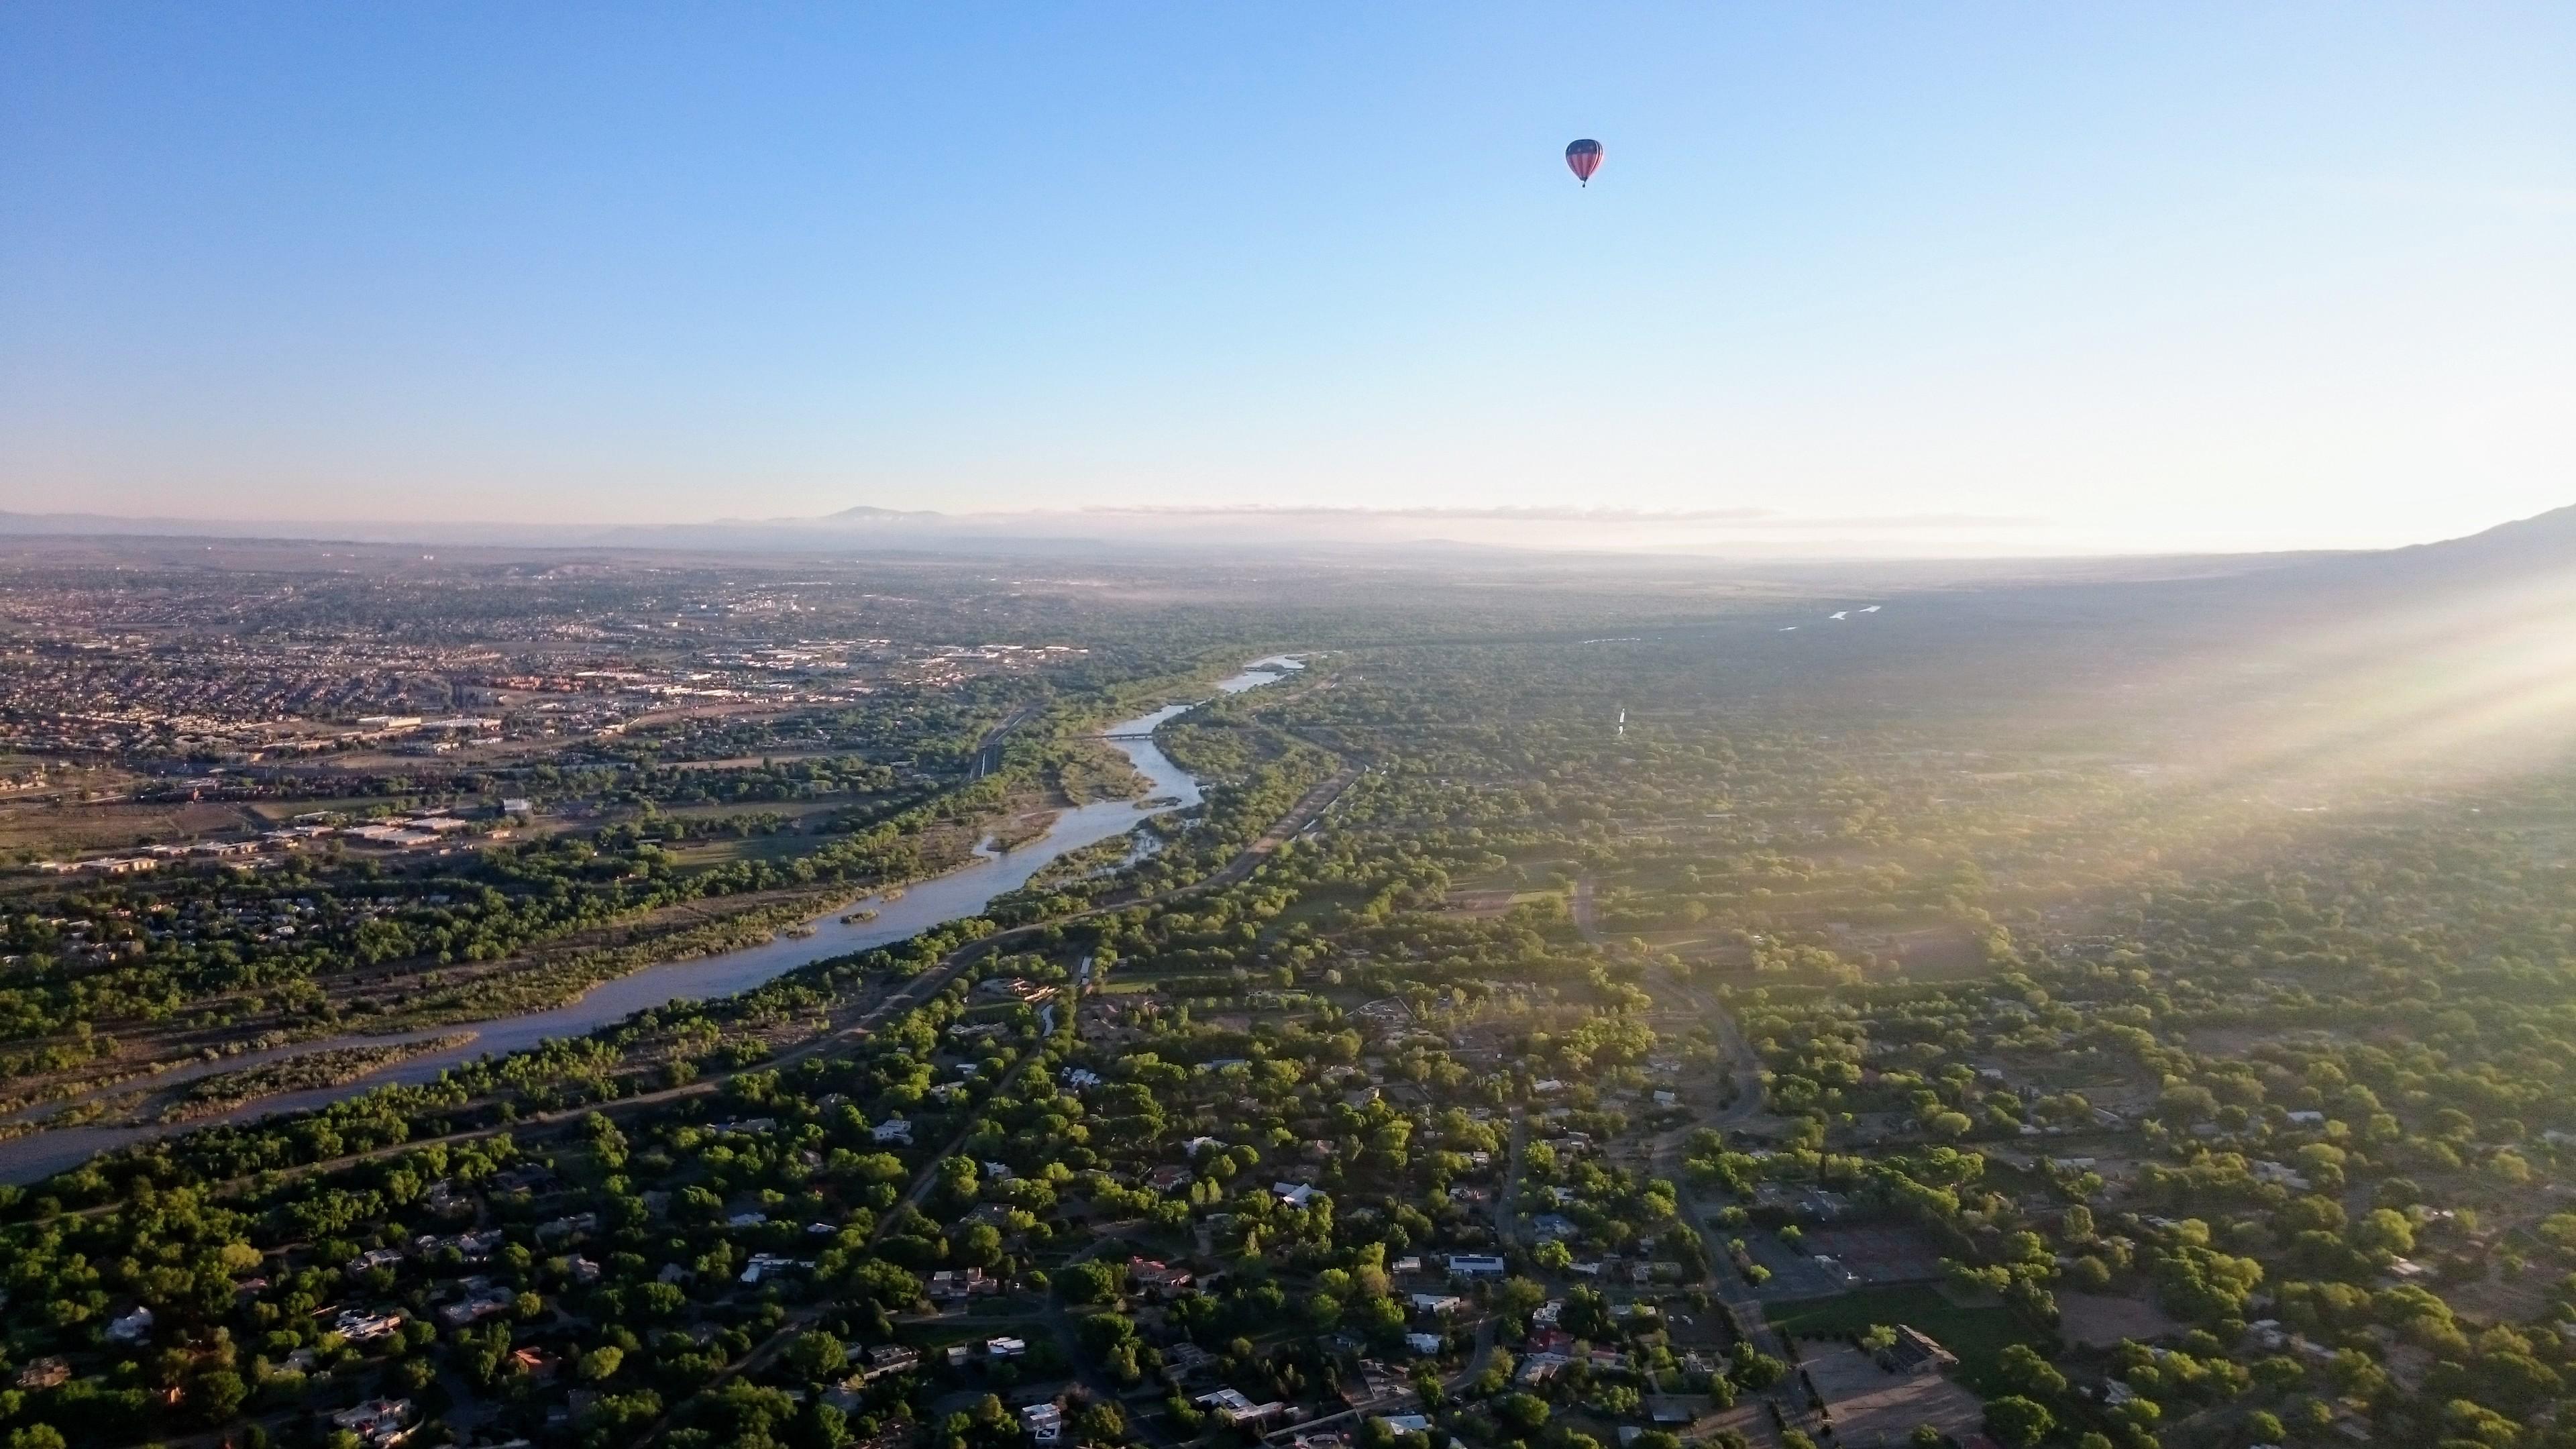 Rio Grande and another balloon